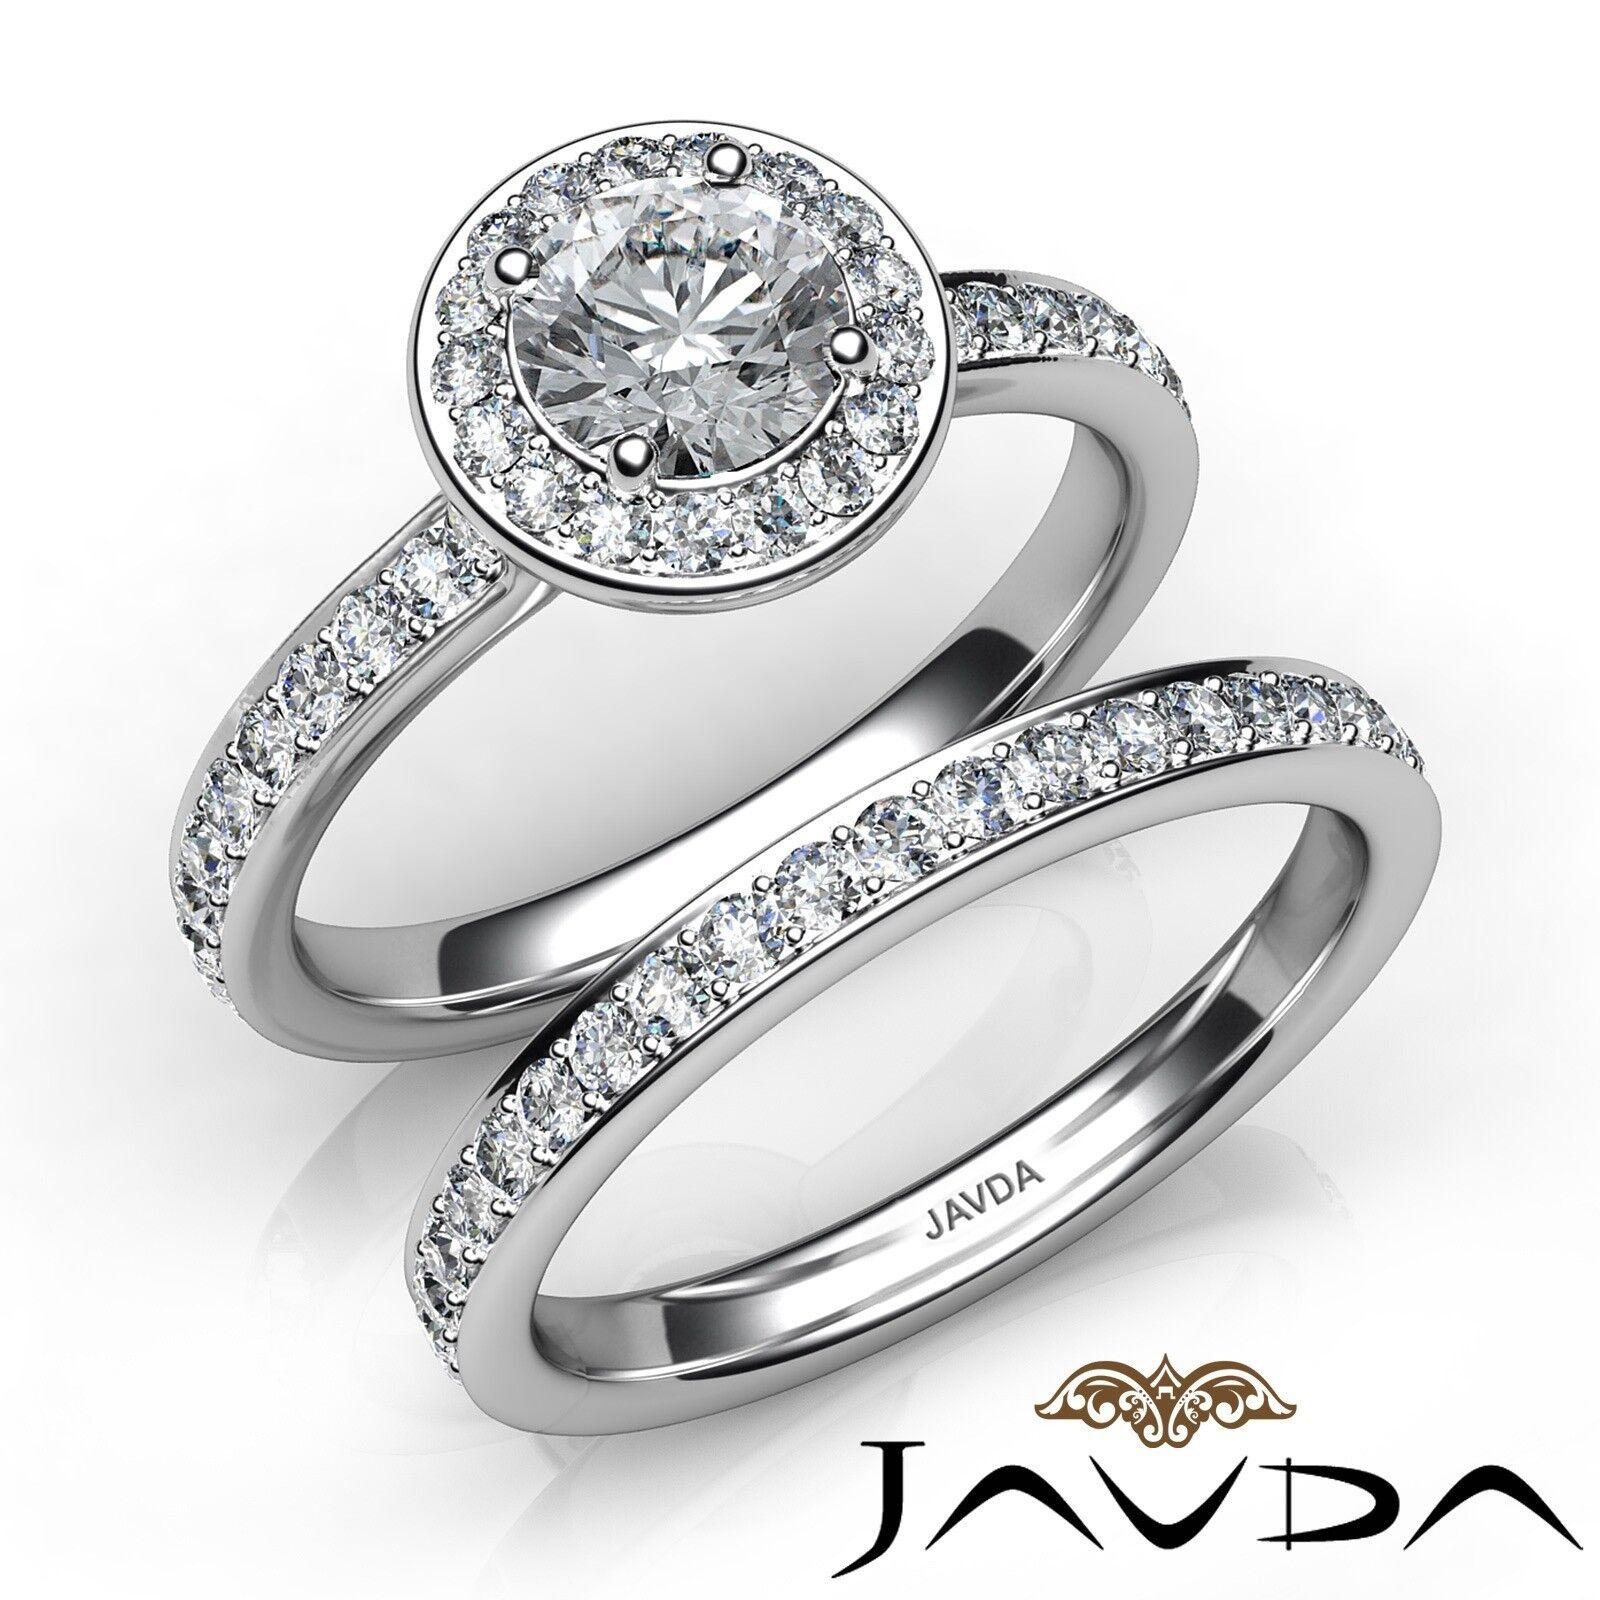 1.35ctw Halo Pave Wedding Round Diamond Engagement Ring GIA E-VVS2 White Gold